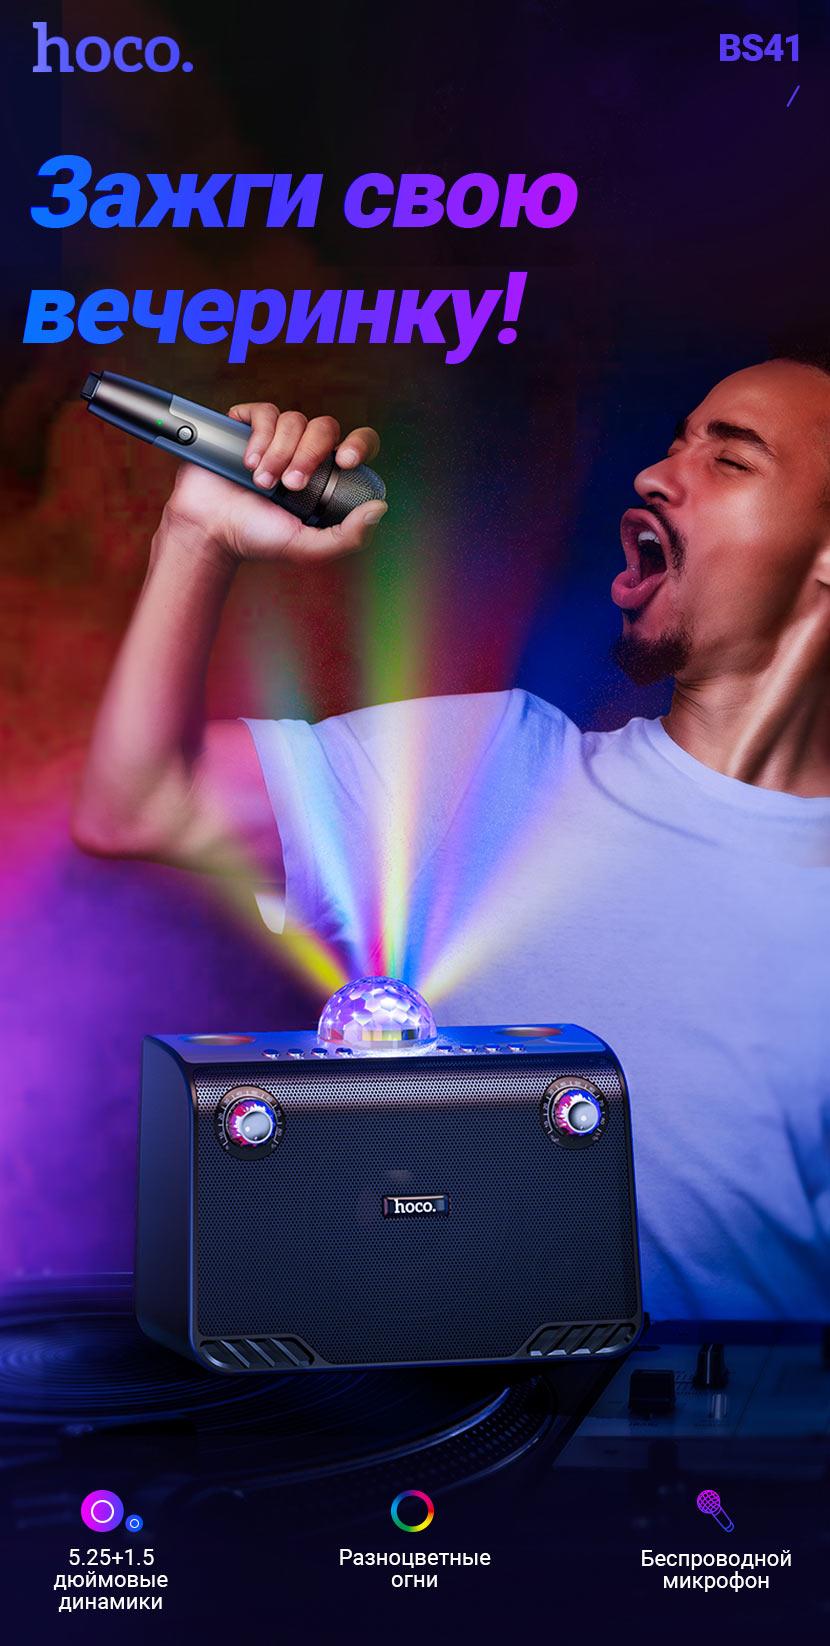 hoco news bs41 warm sound k song wireless speaker ru